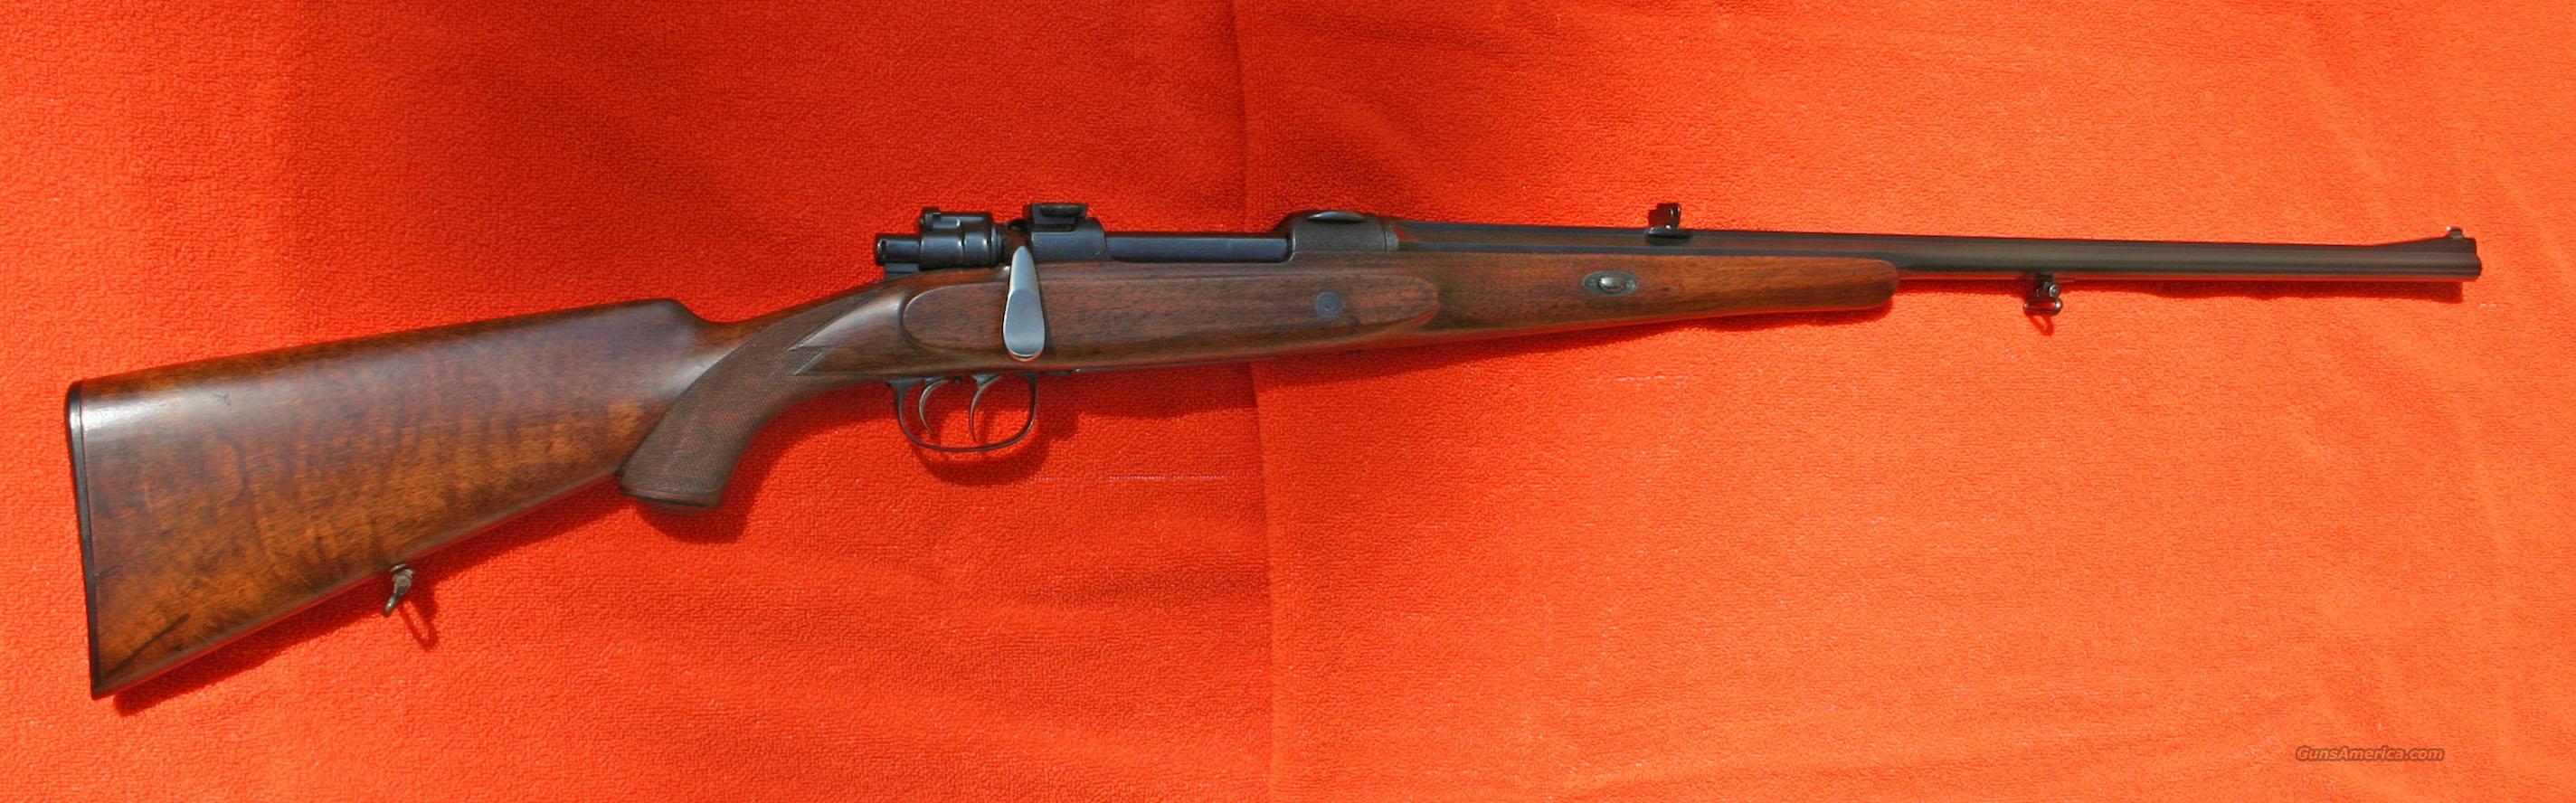 Krieghoff 9.3x62 Mauser